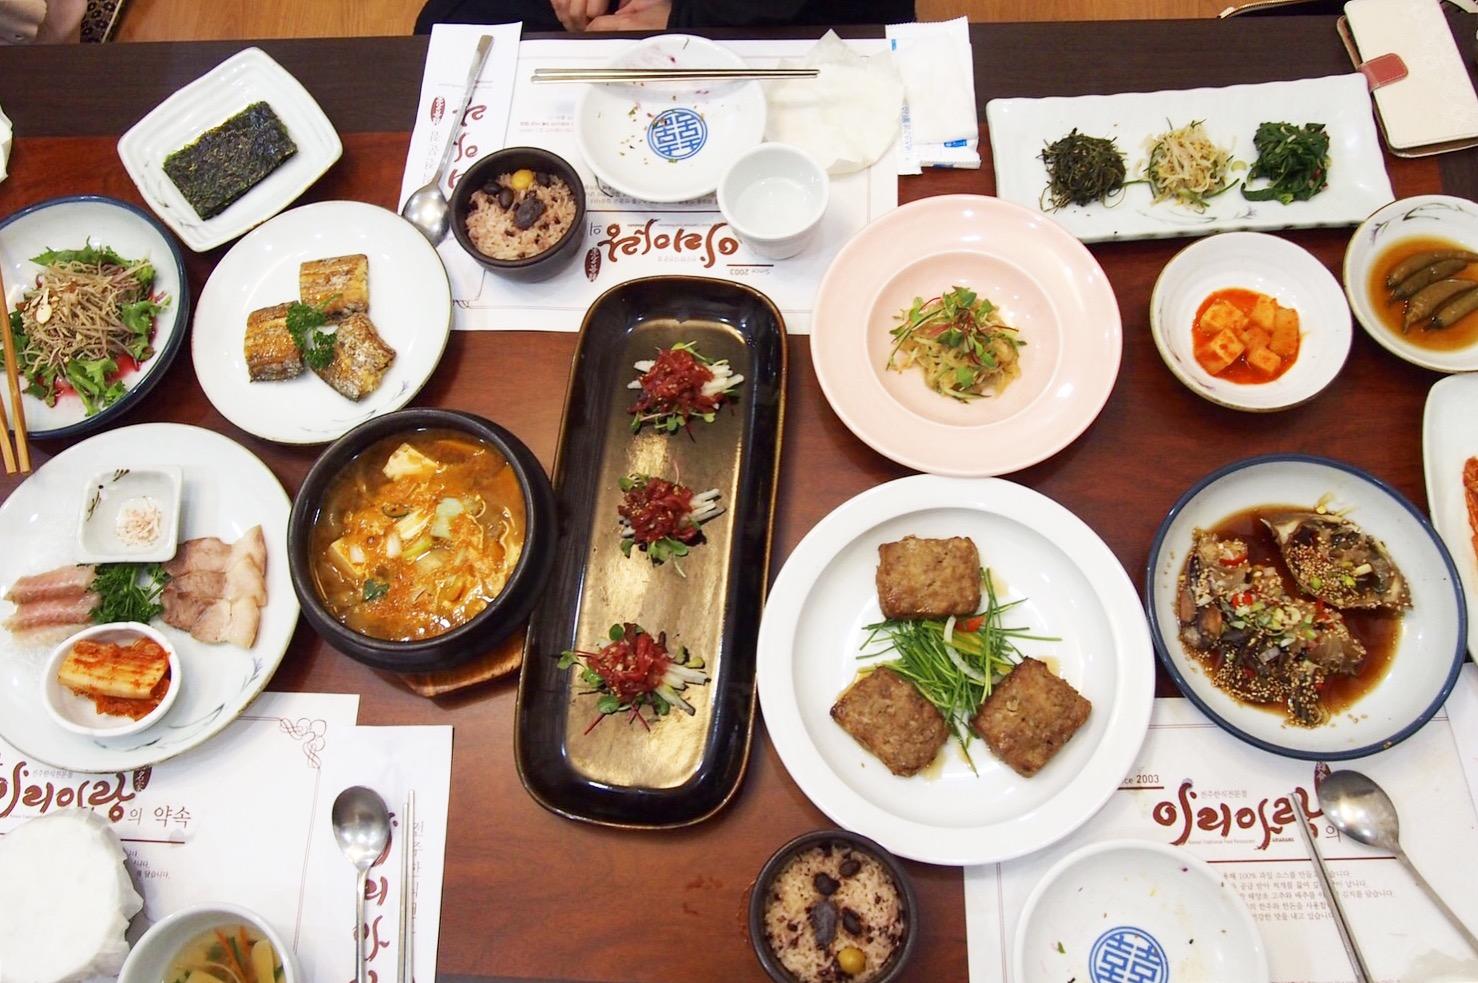 【韓国旅行⑥】食の聖地「全州」で、地元韓国人がおすすめする人気店